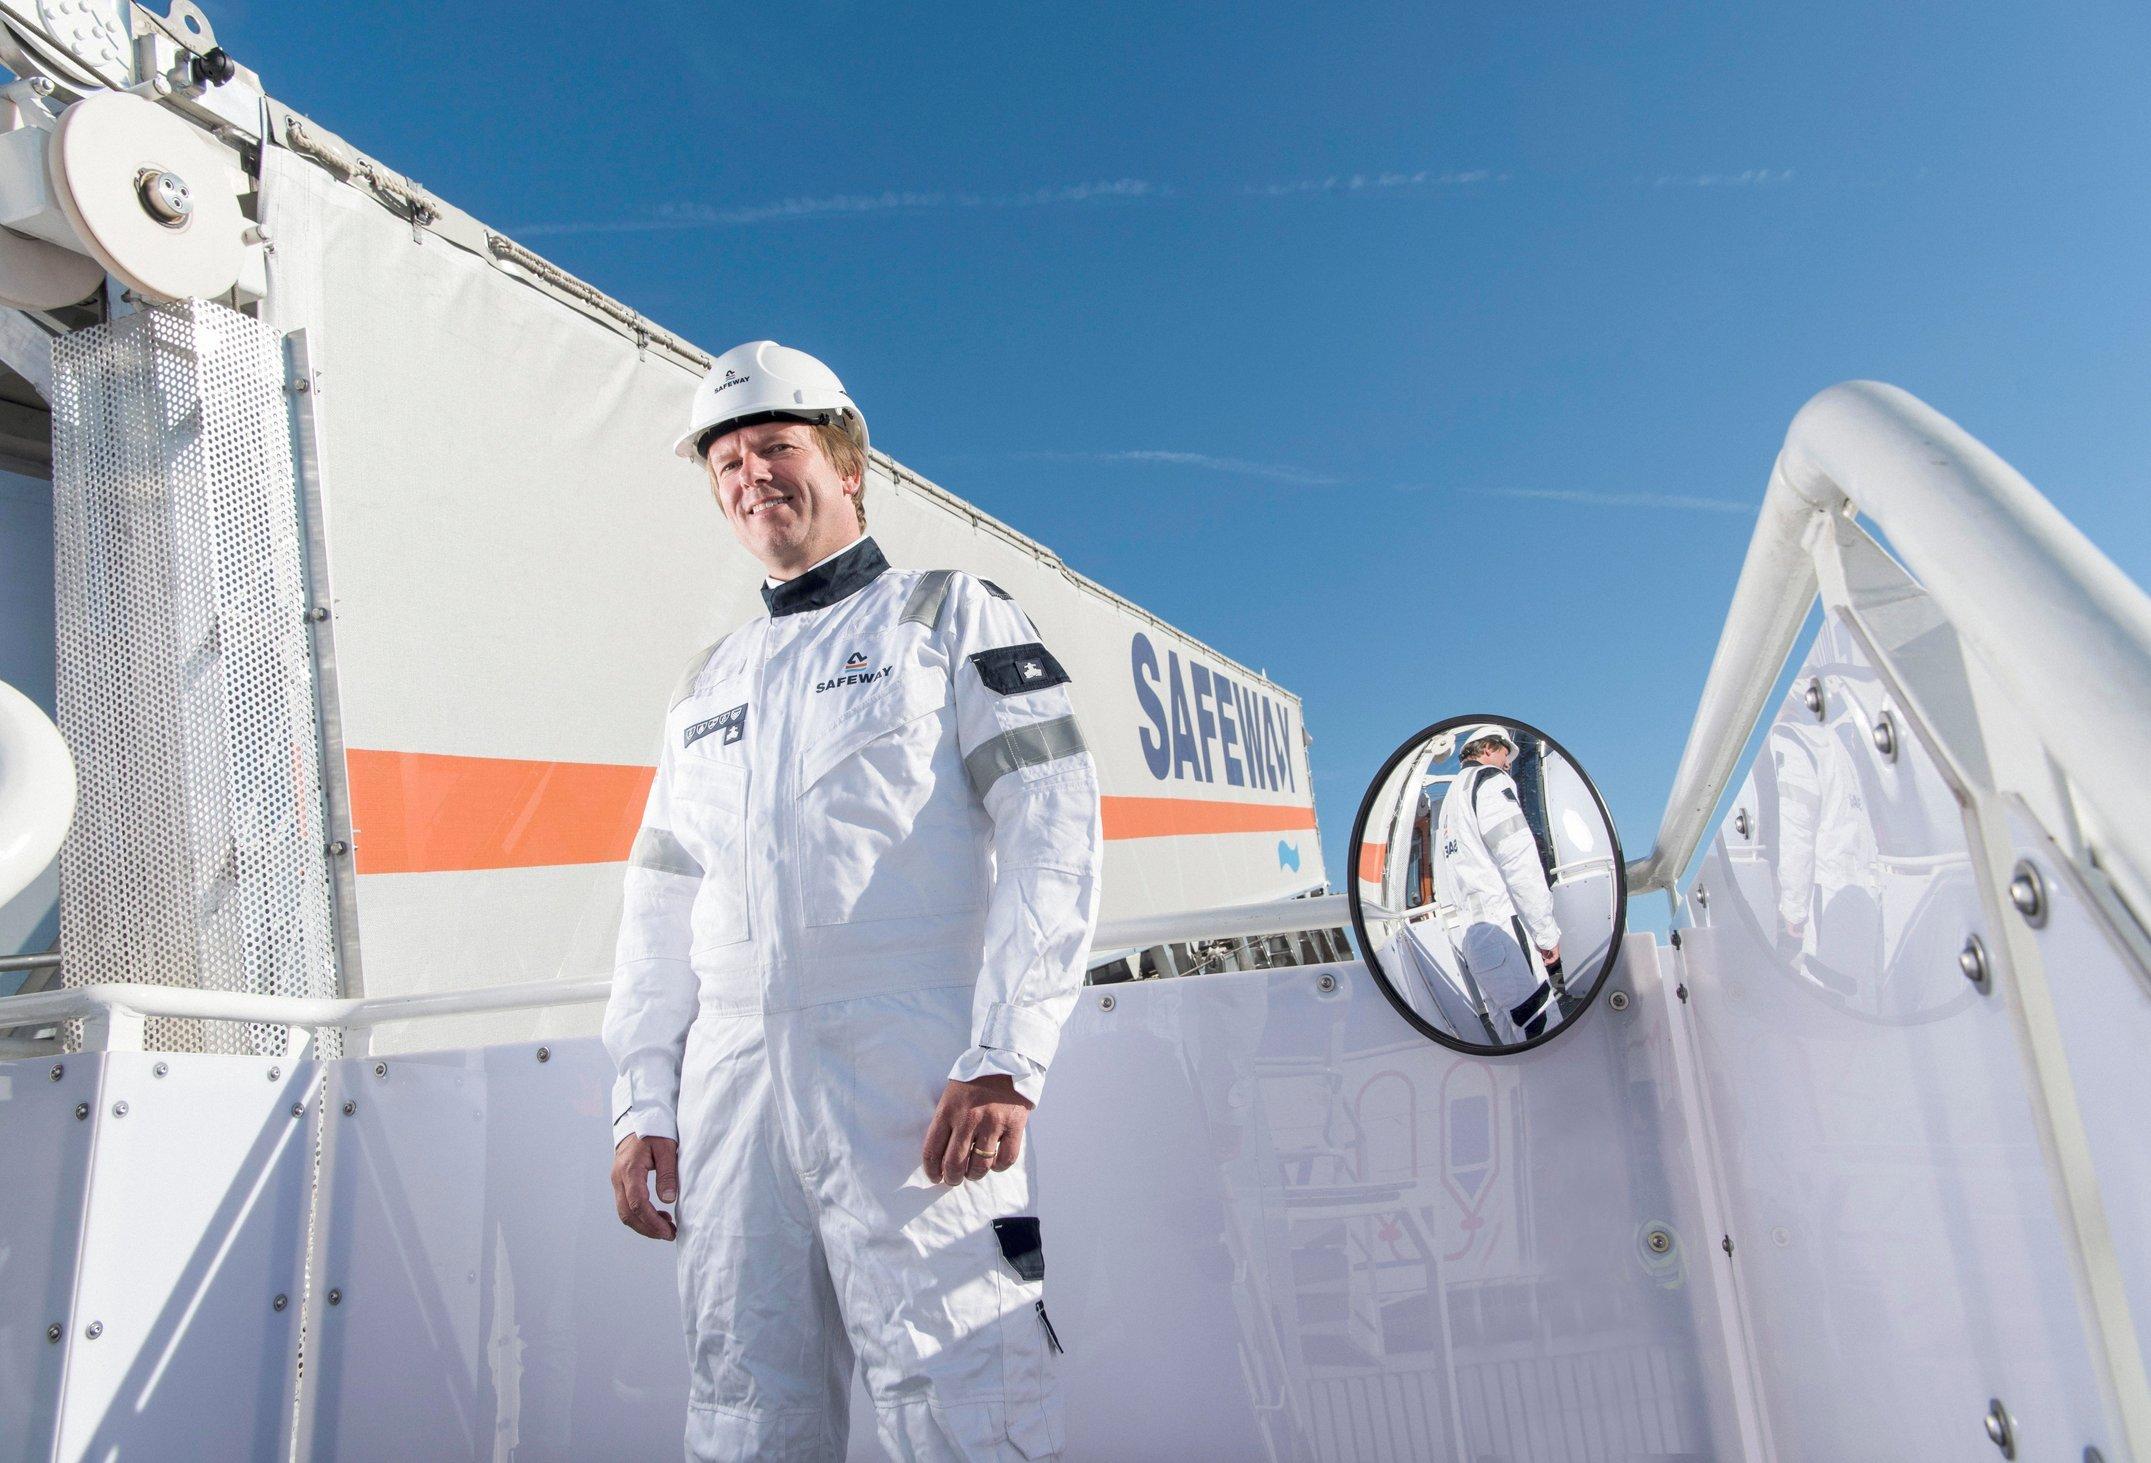 Wijnand Van Aalst, CEO Van Aalst Groep